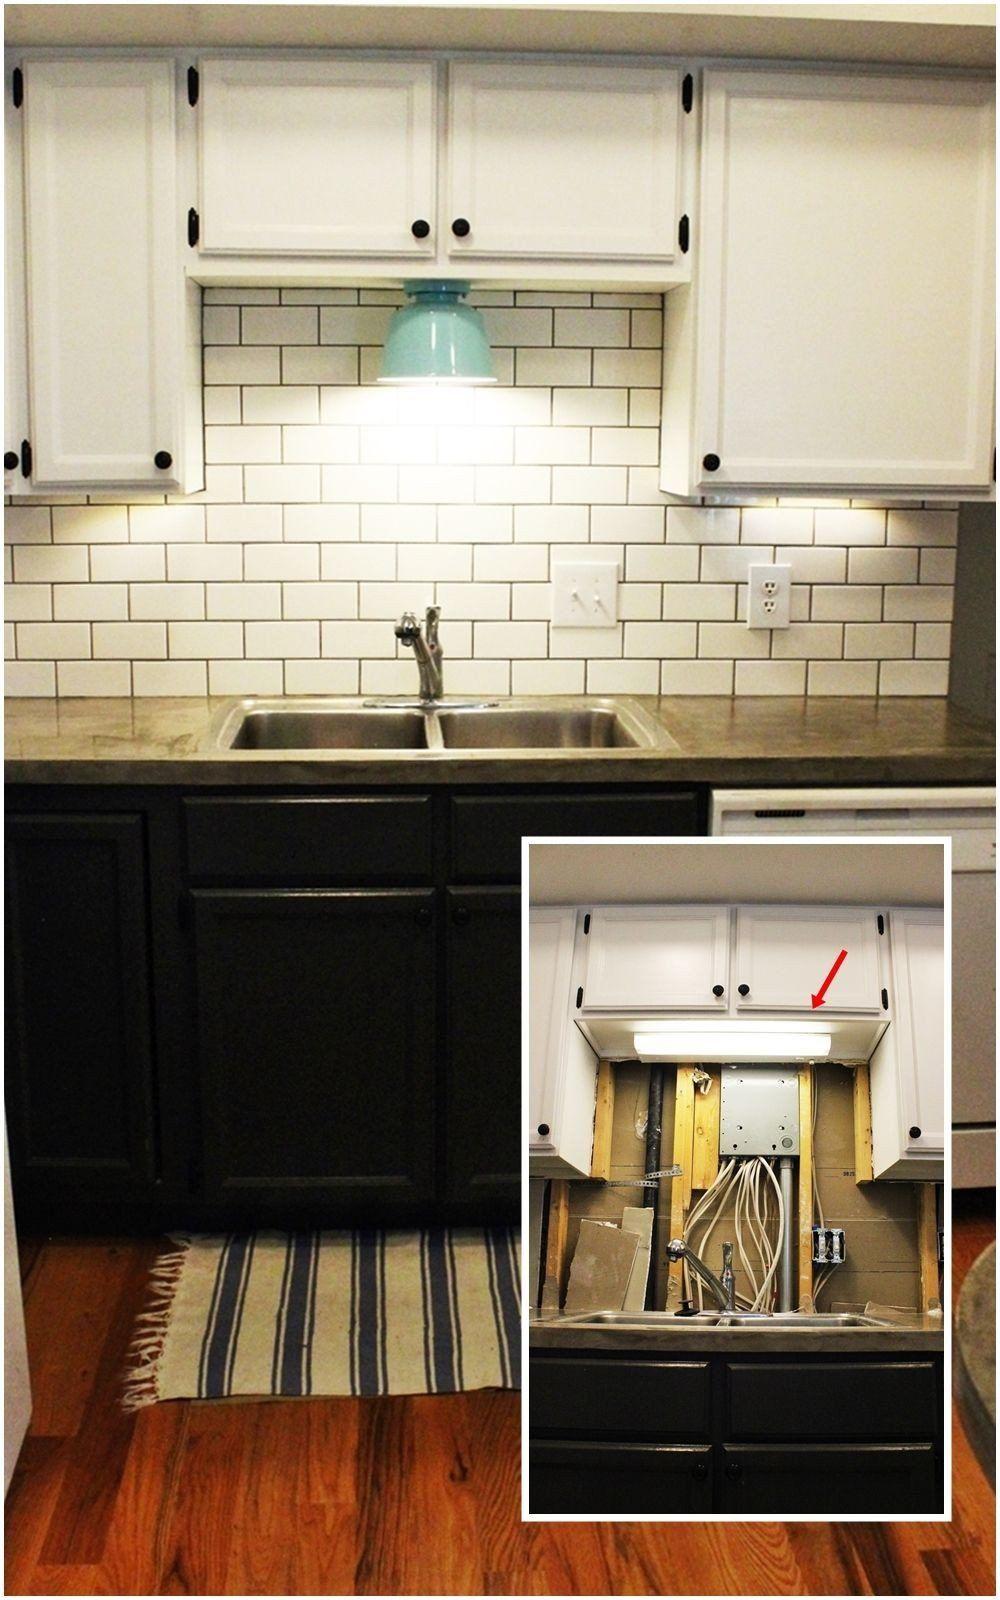 Under Cabinet Light Above Kitchen Sink Kitchen Cabinet Interior Inside Kitchen Cabinets Above Kitchen Cabinets